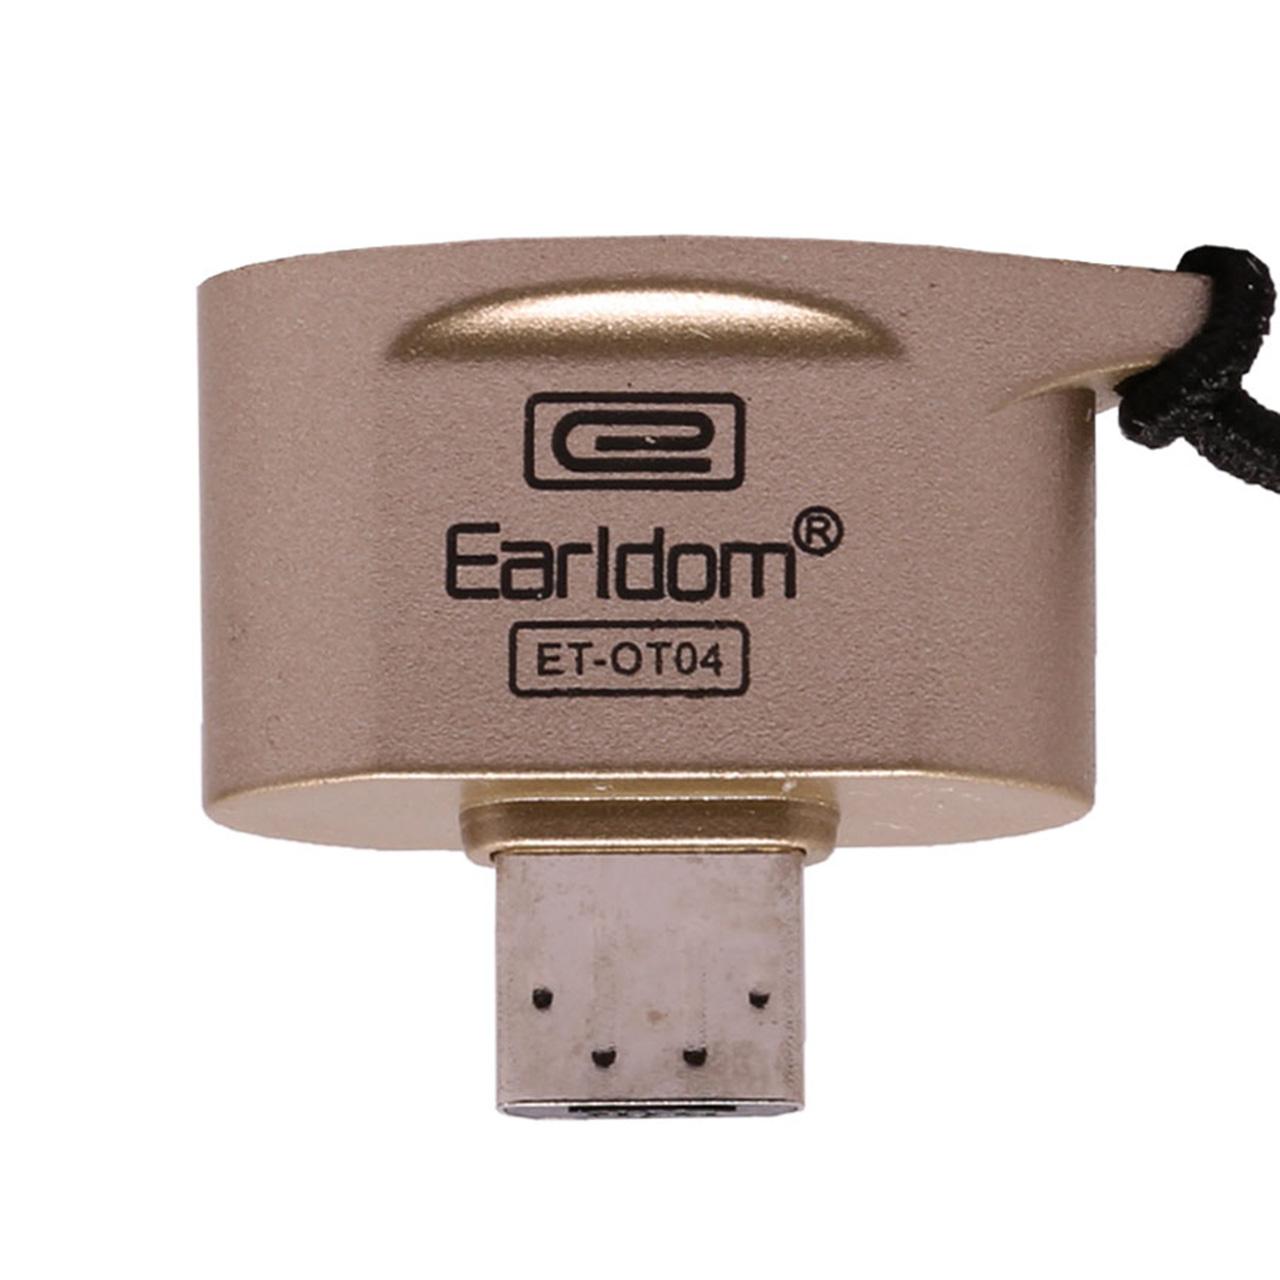 مبدل USB به micro USB ارلدام مدل ET-OT04              ( قیمت و خرید)